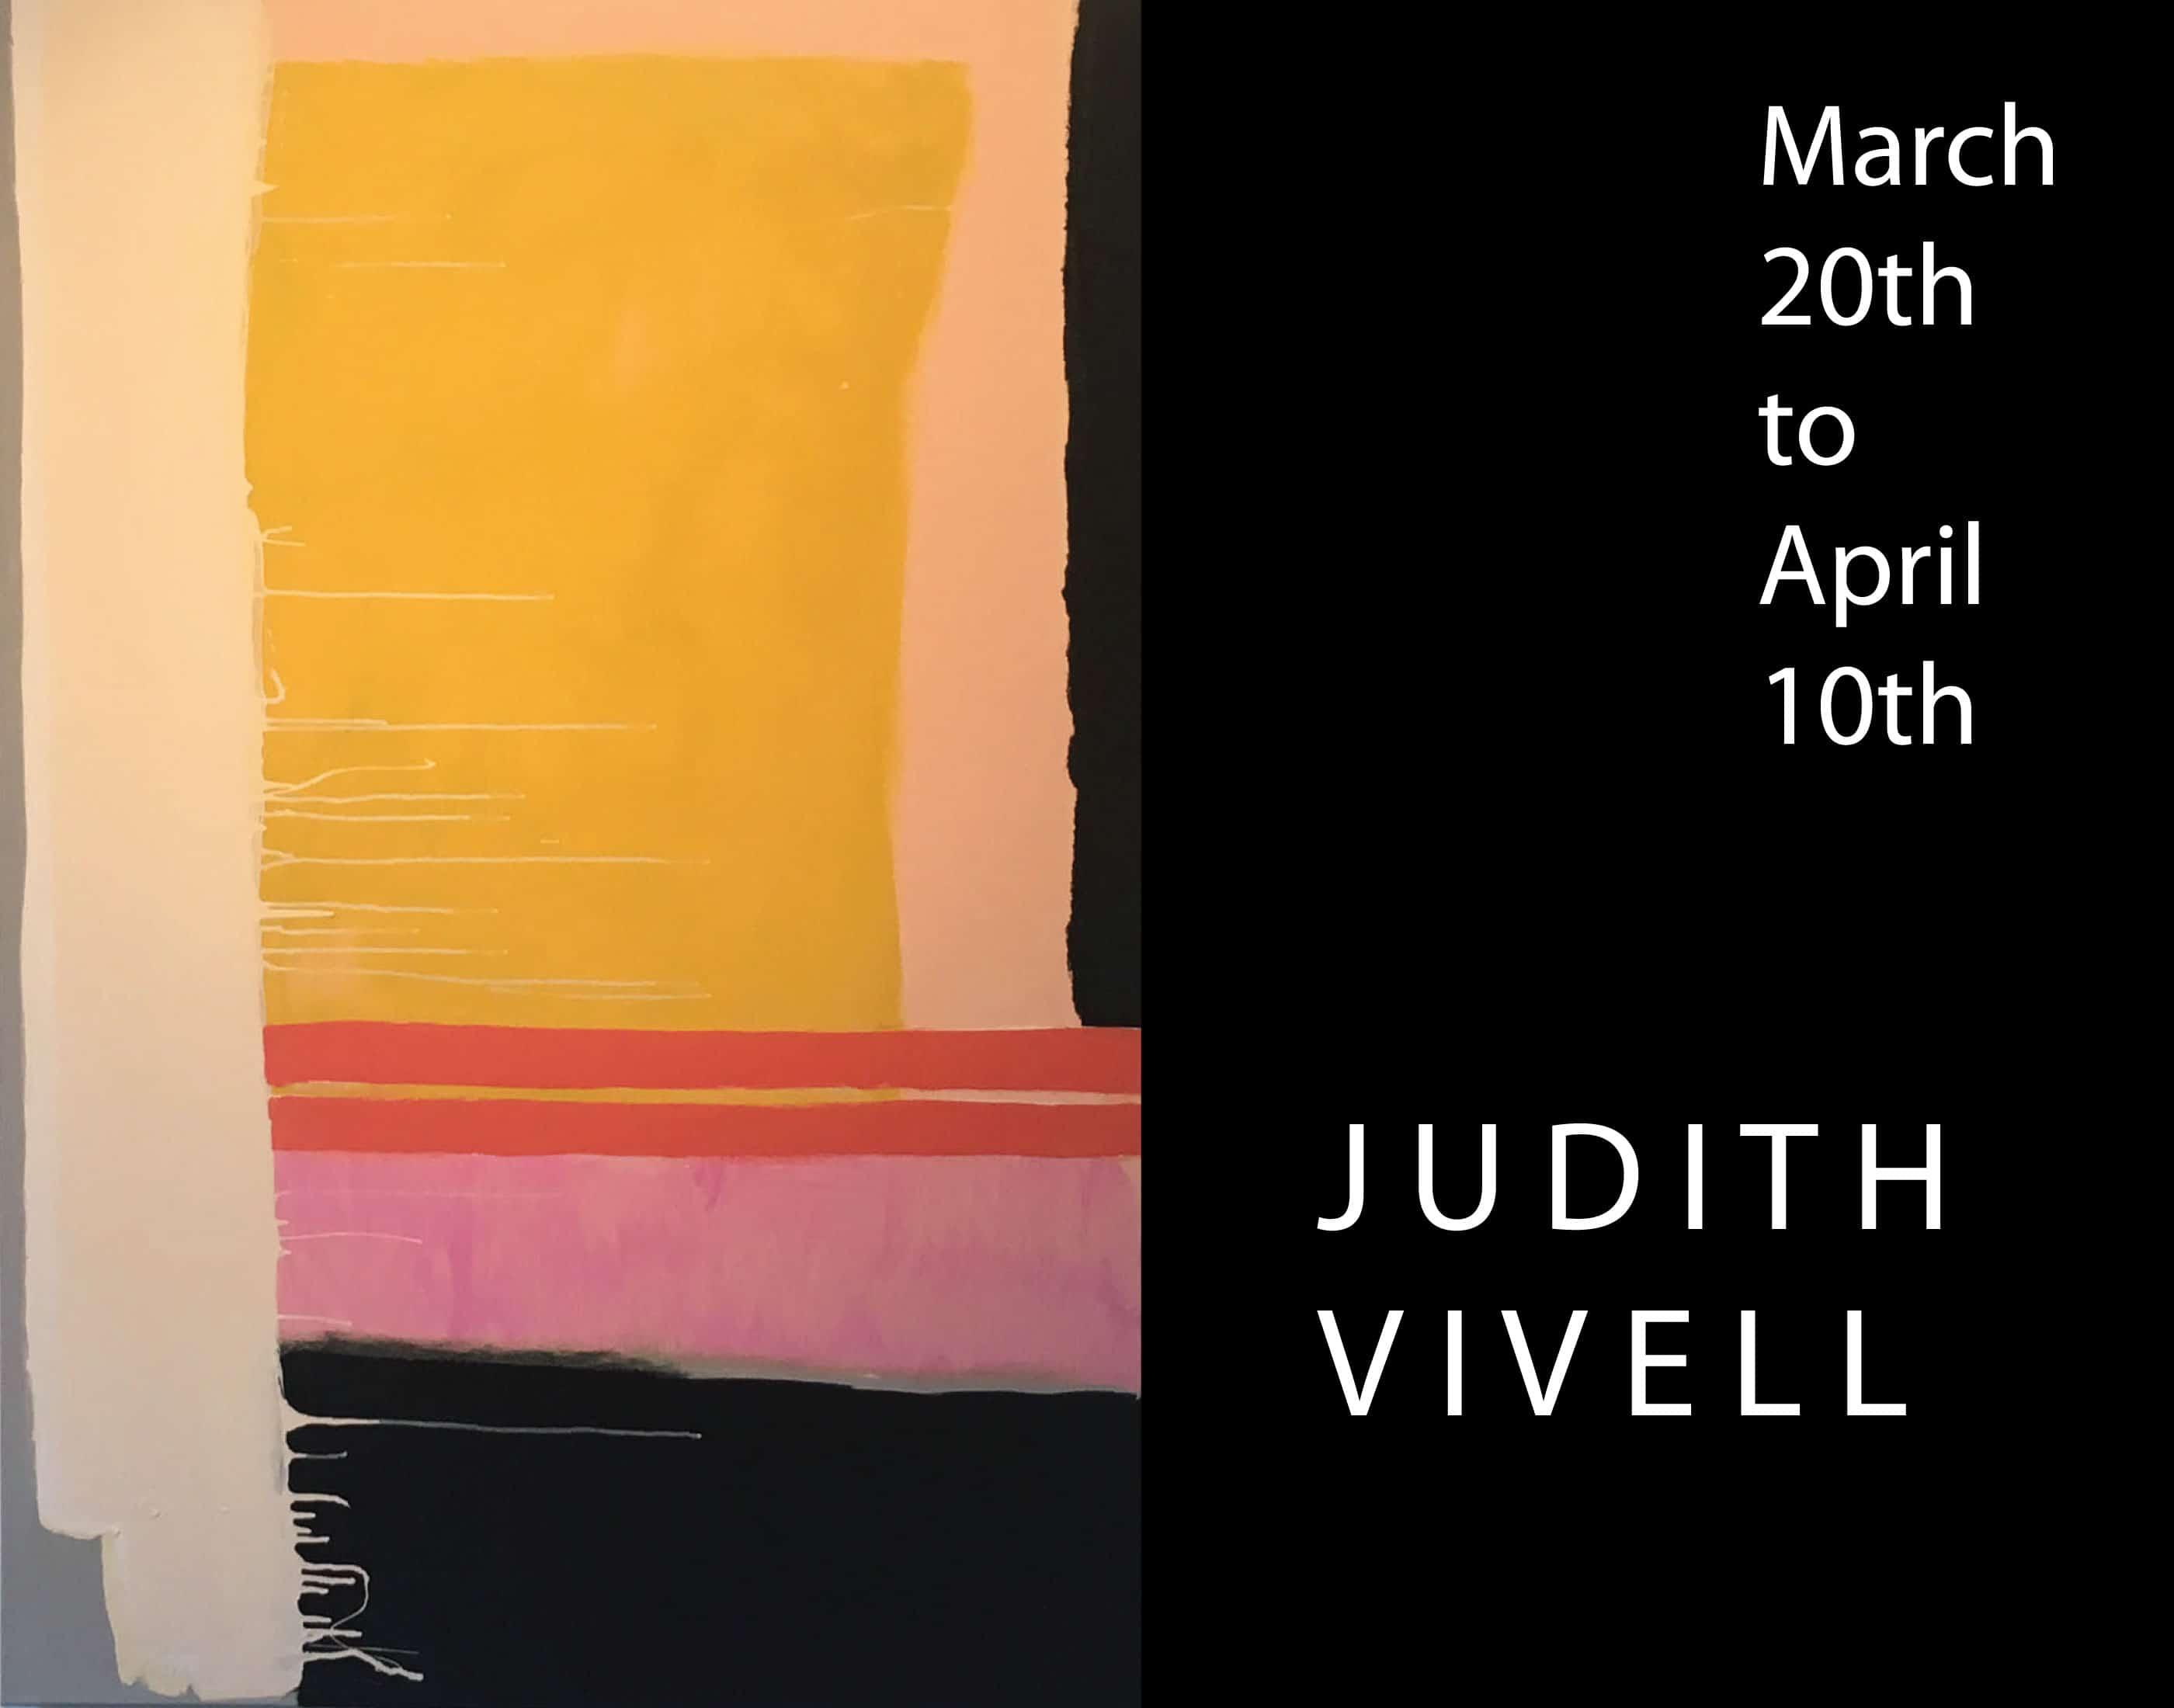 Judith Vivell